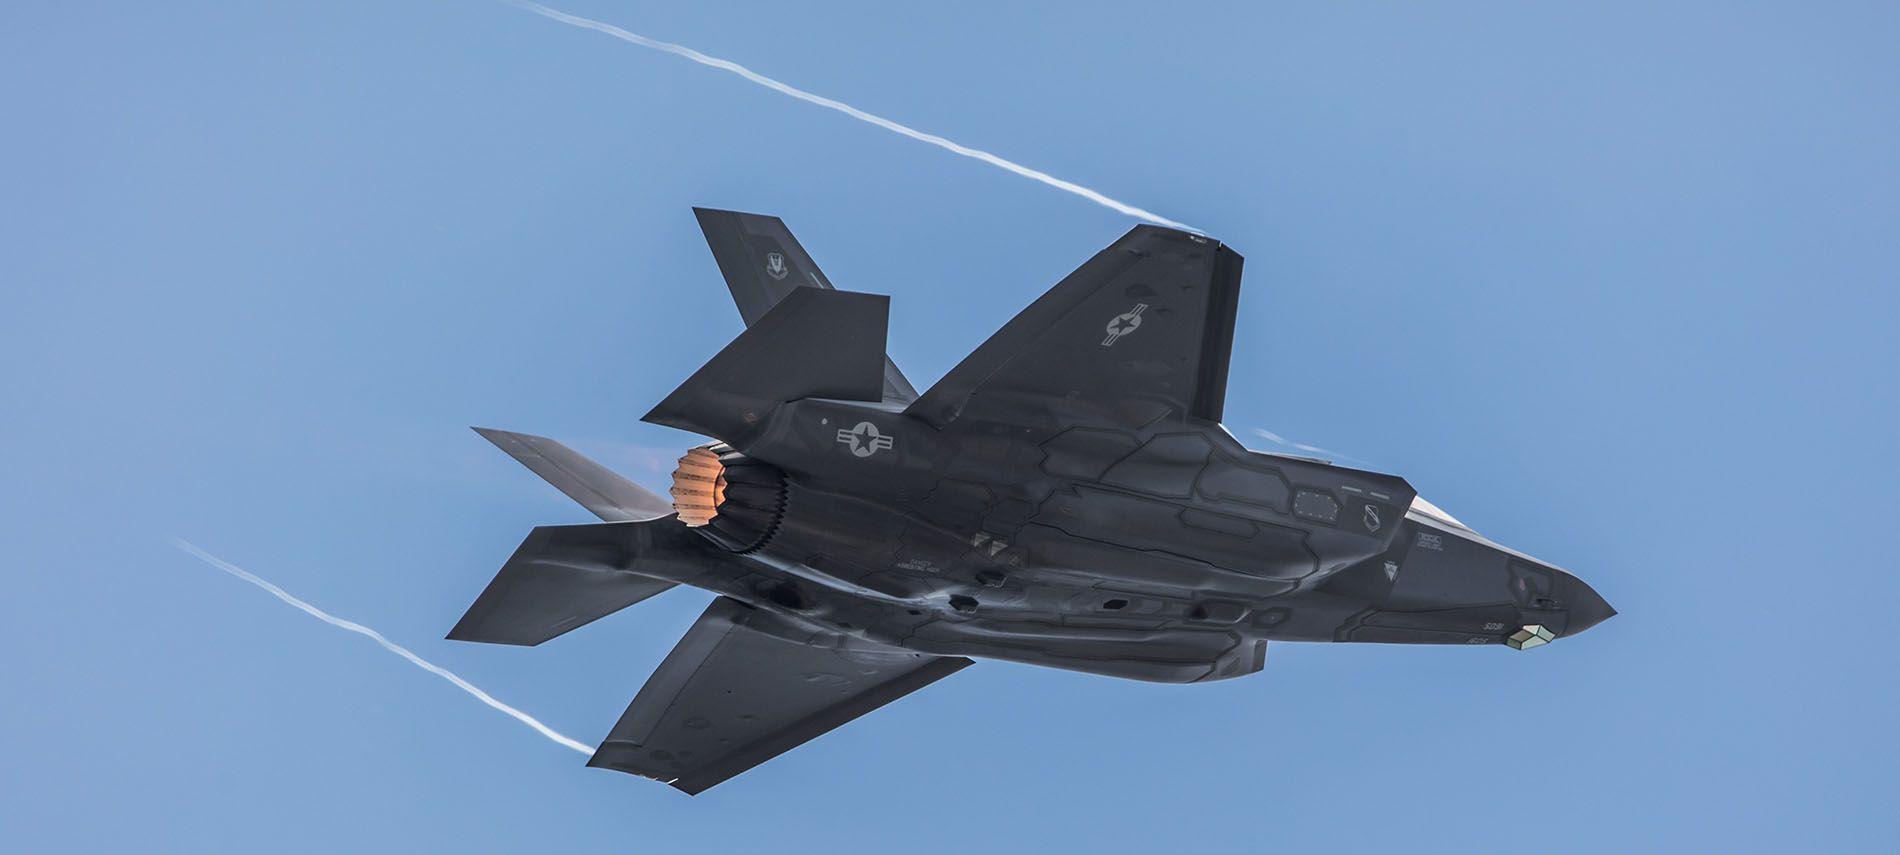 El F-35 incorporará en 2019 el Sistema Automático de Evitación de Colisión en tierra. Texto